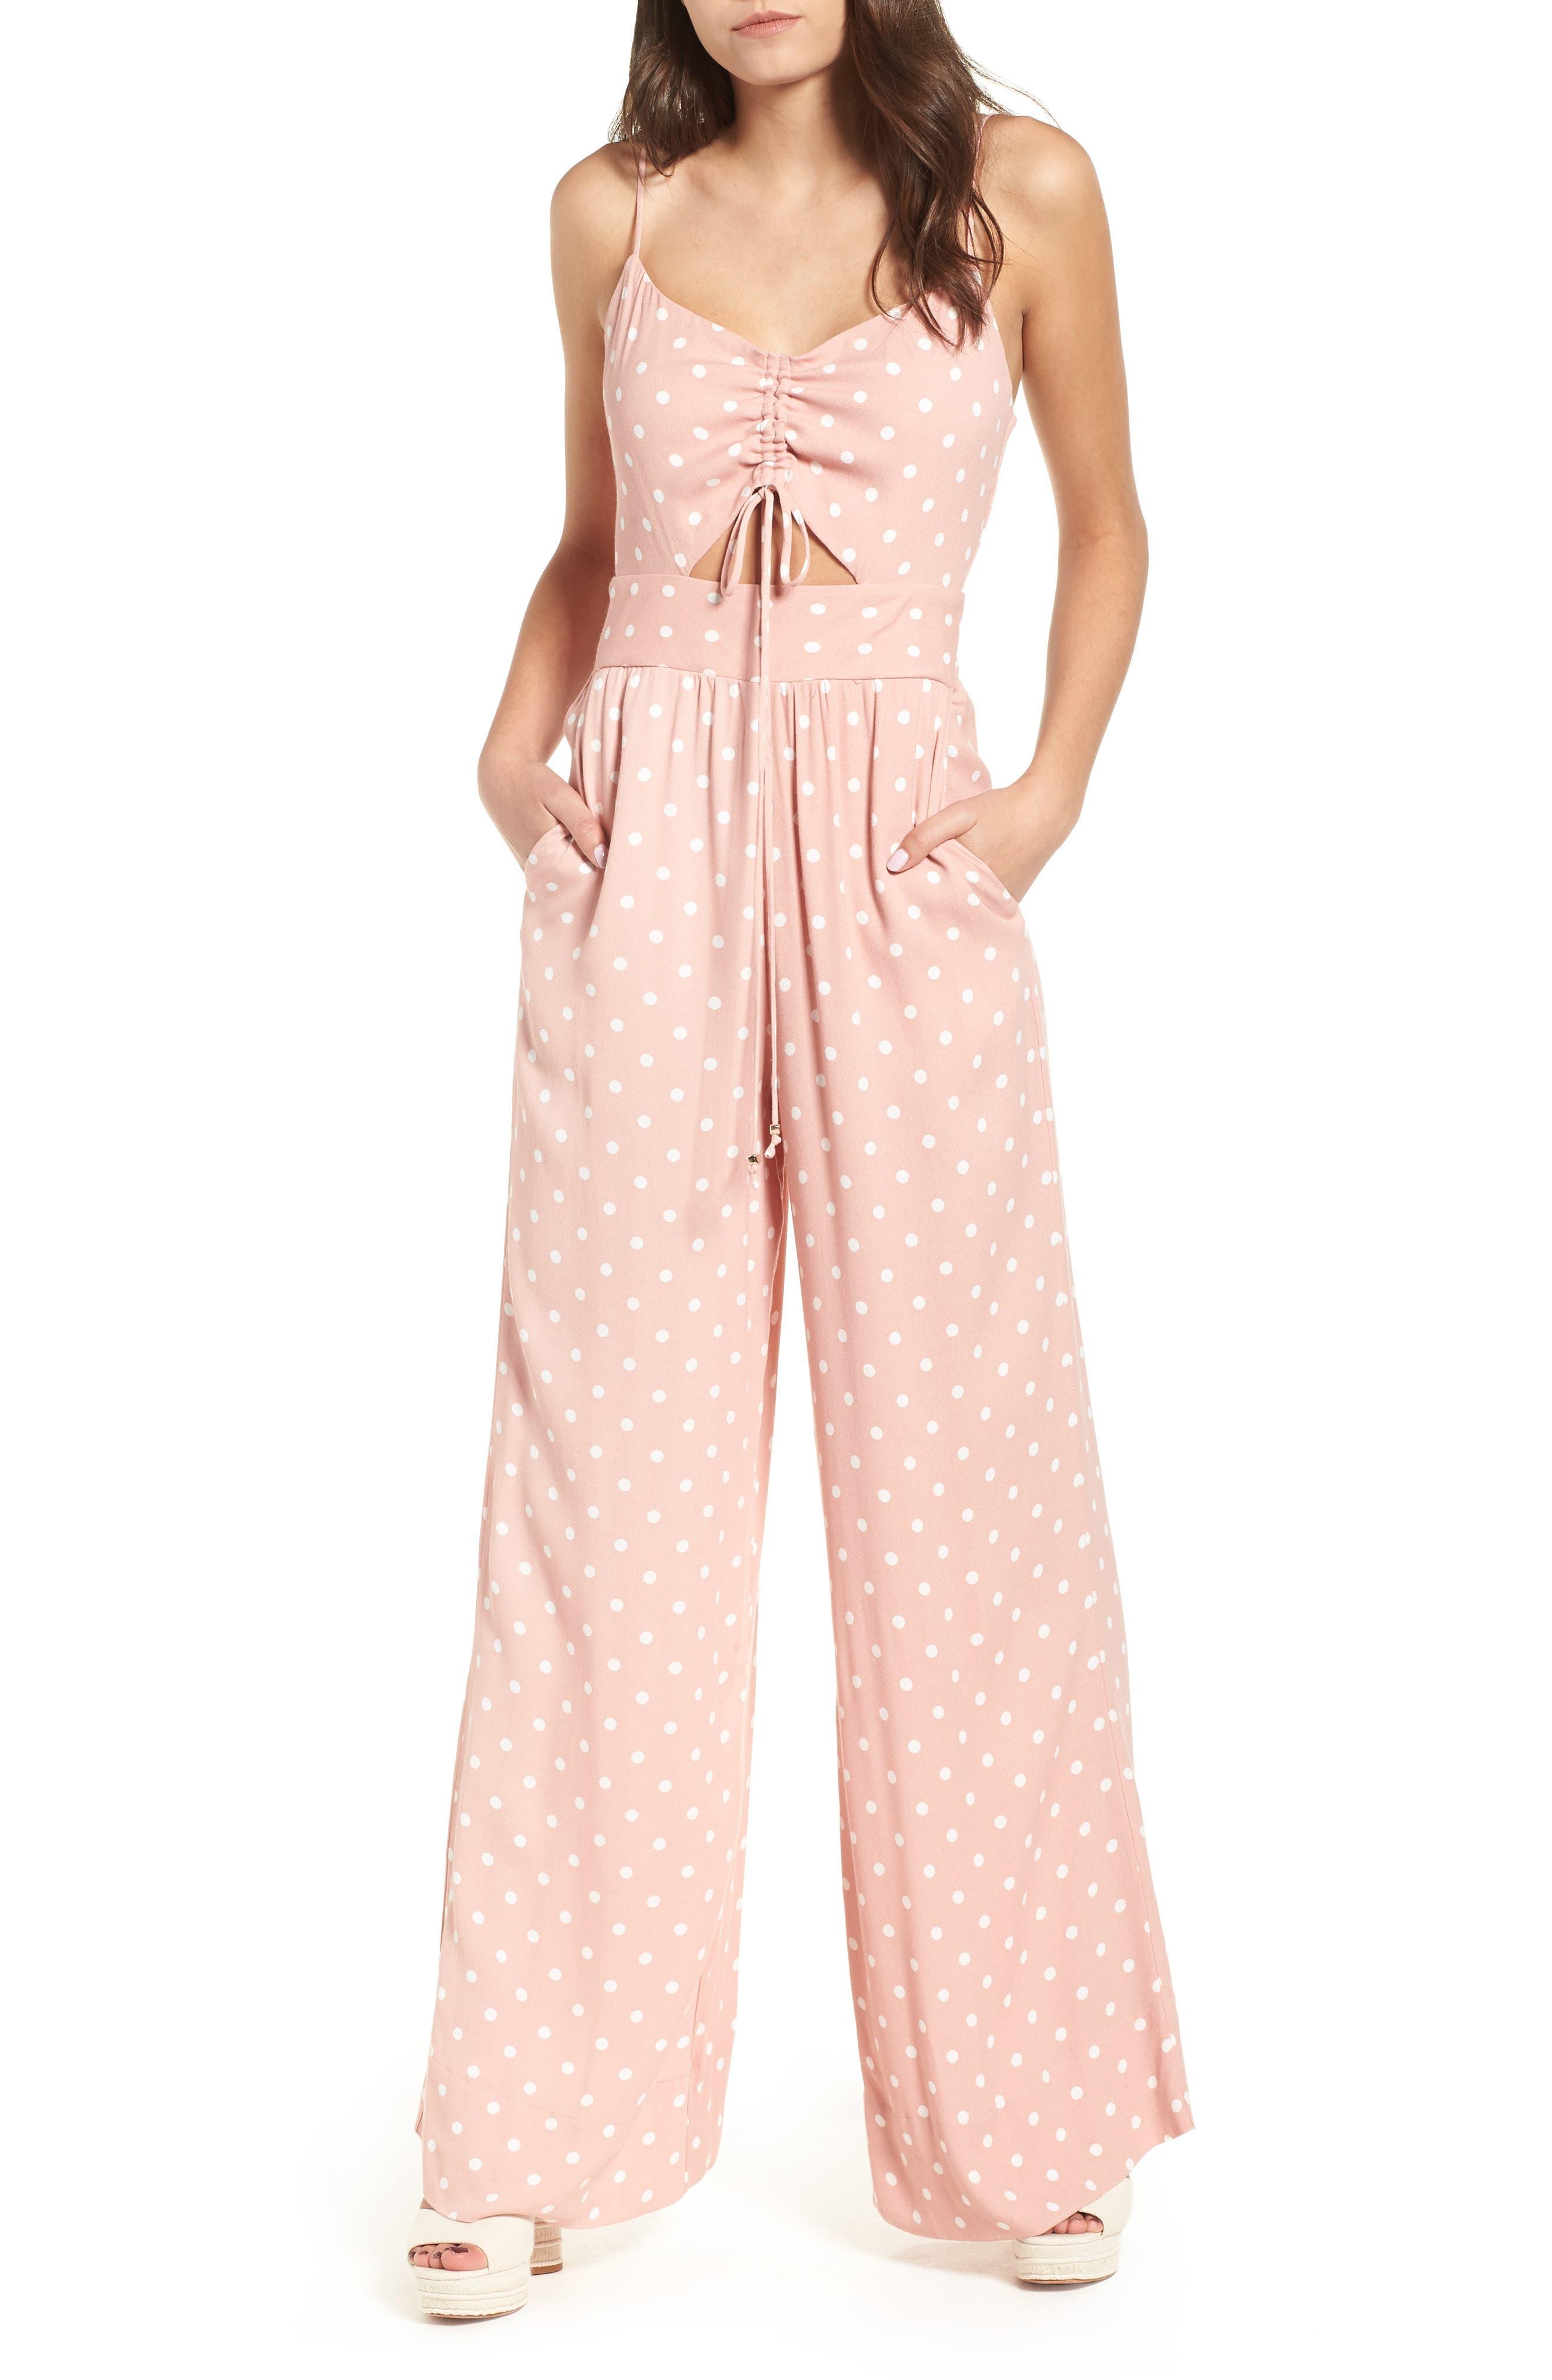 Milan Tie Front Jumpsuit,                         Main,                         color, Misty Rose Polka Dot